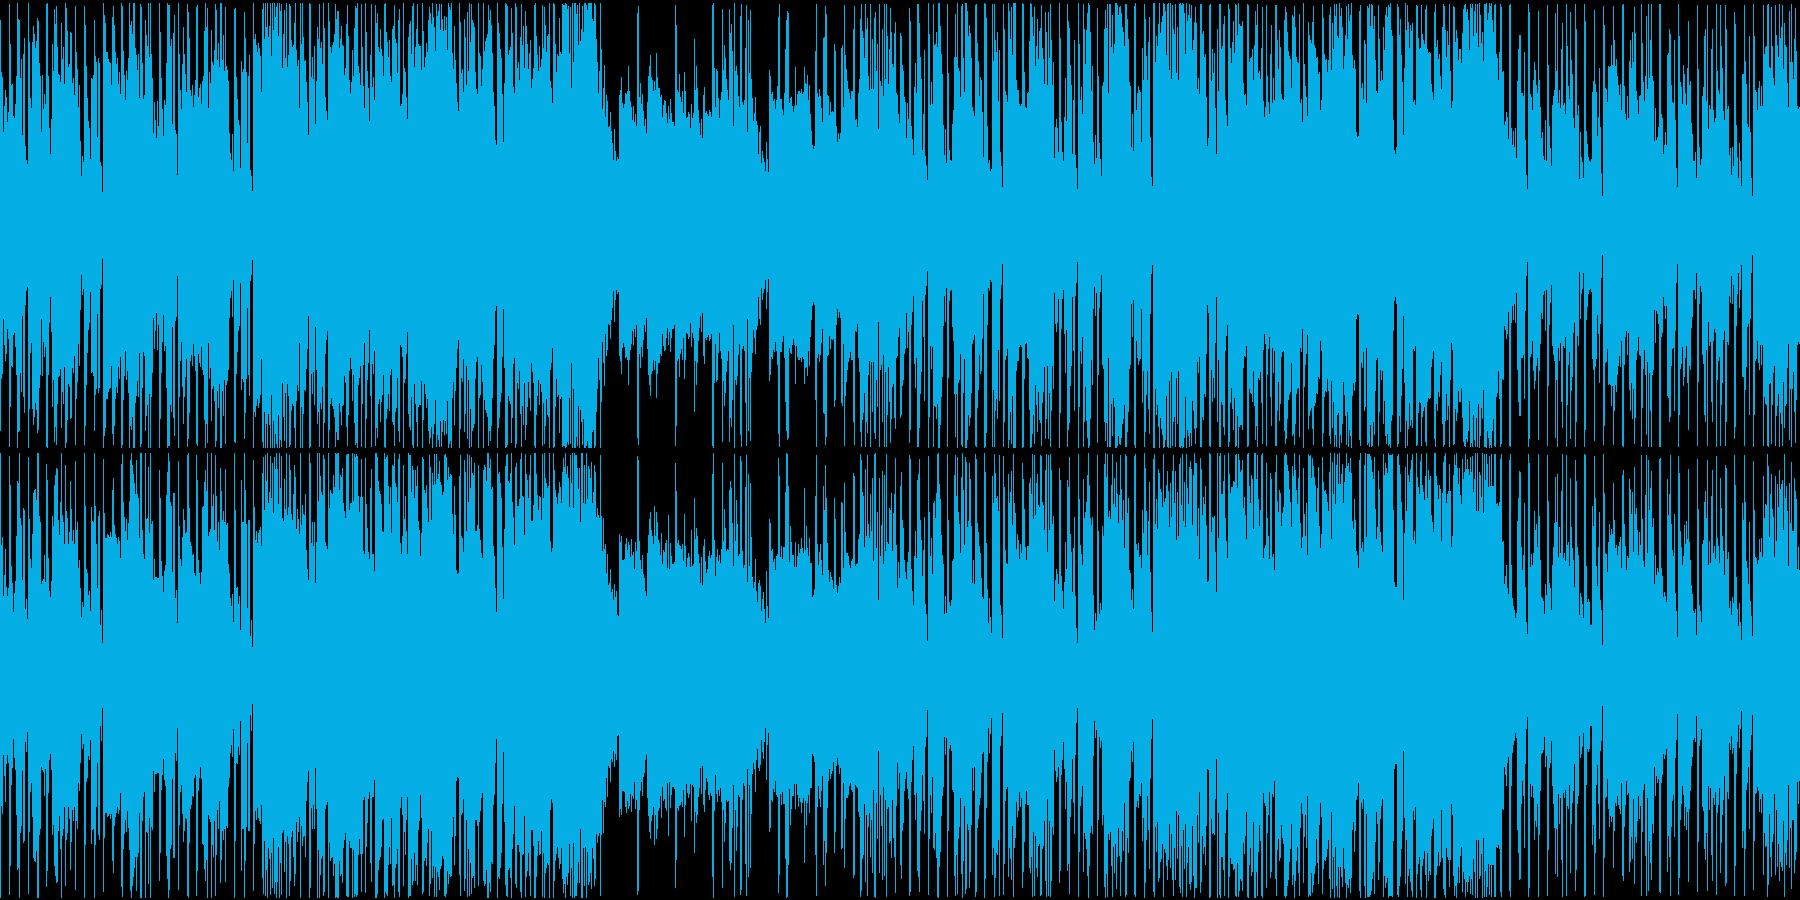 穏やかで軽快なジャズヒップホップインストの再生済みの波形